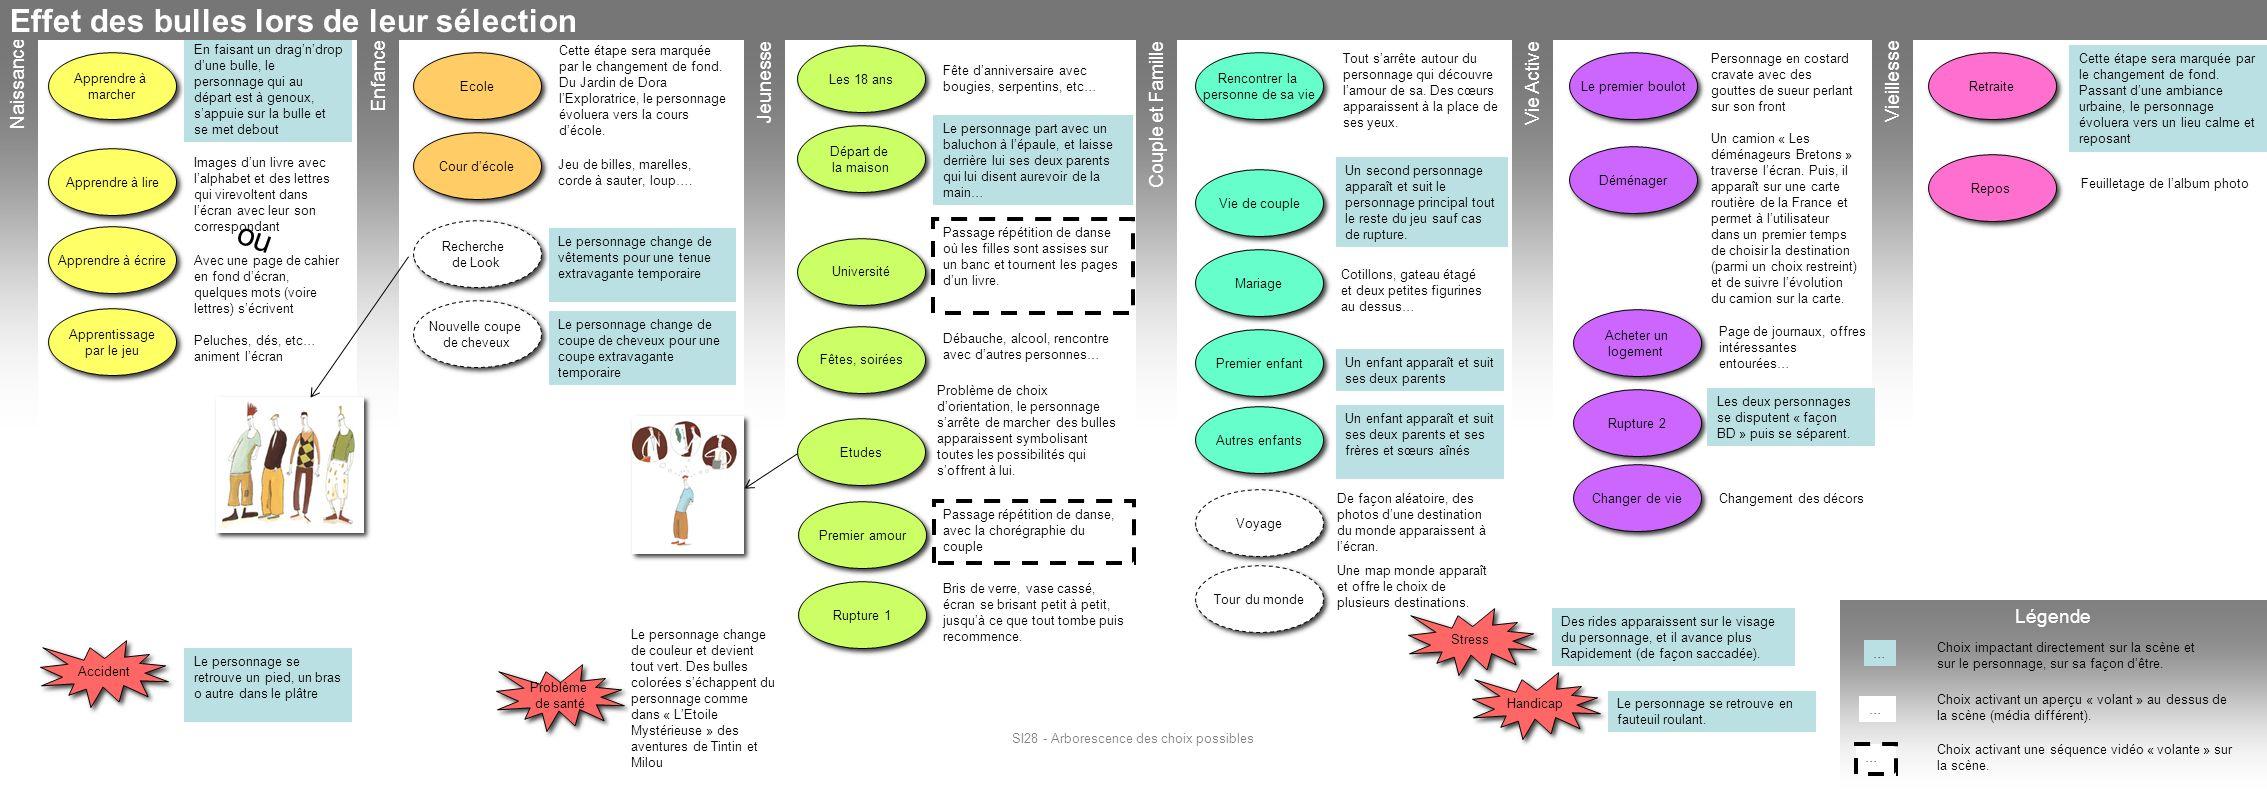 SI28 - Arborescence des choix possibles Stress Accident Problème de santé Problème de santé Handicap Légende Choix impactant directement sur la scène